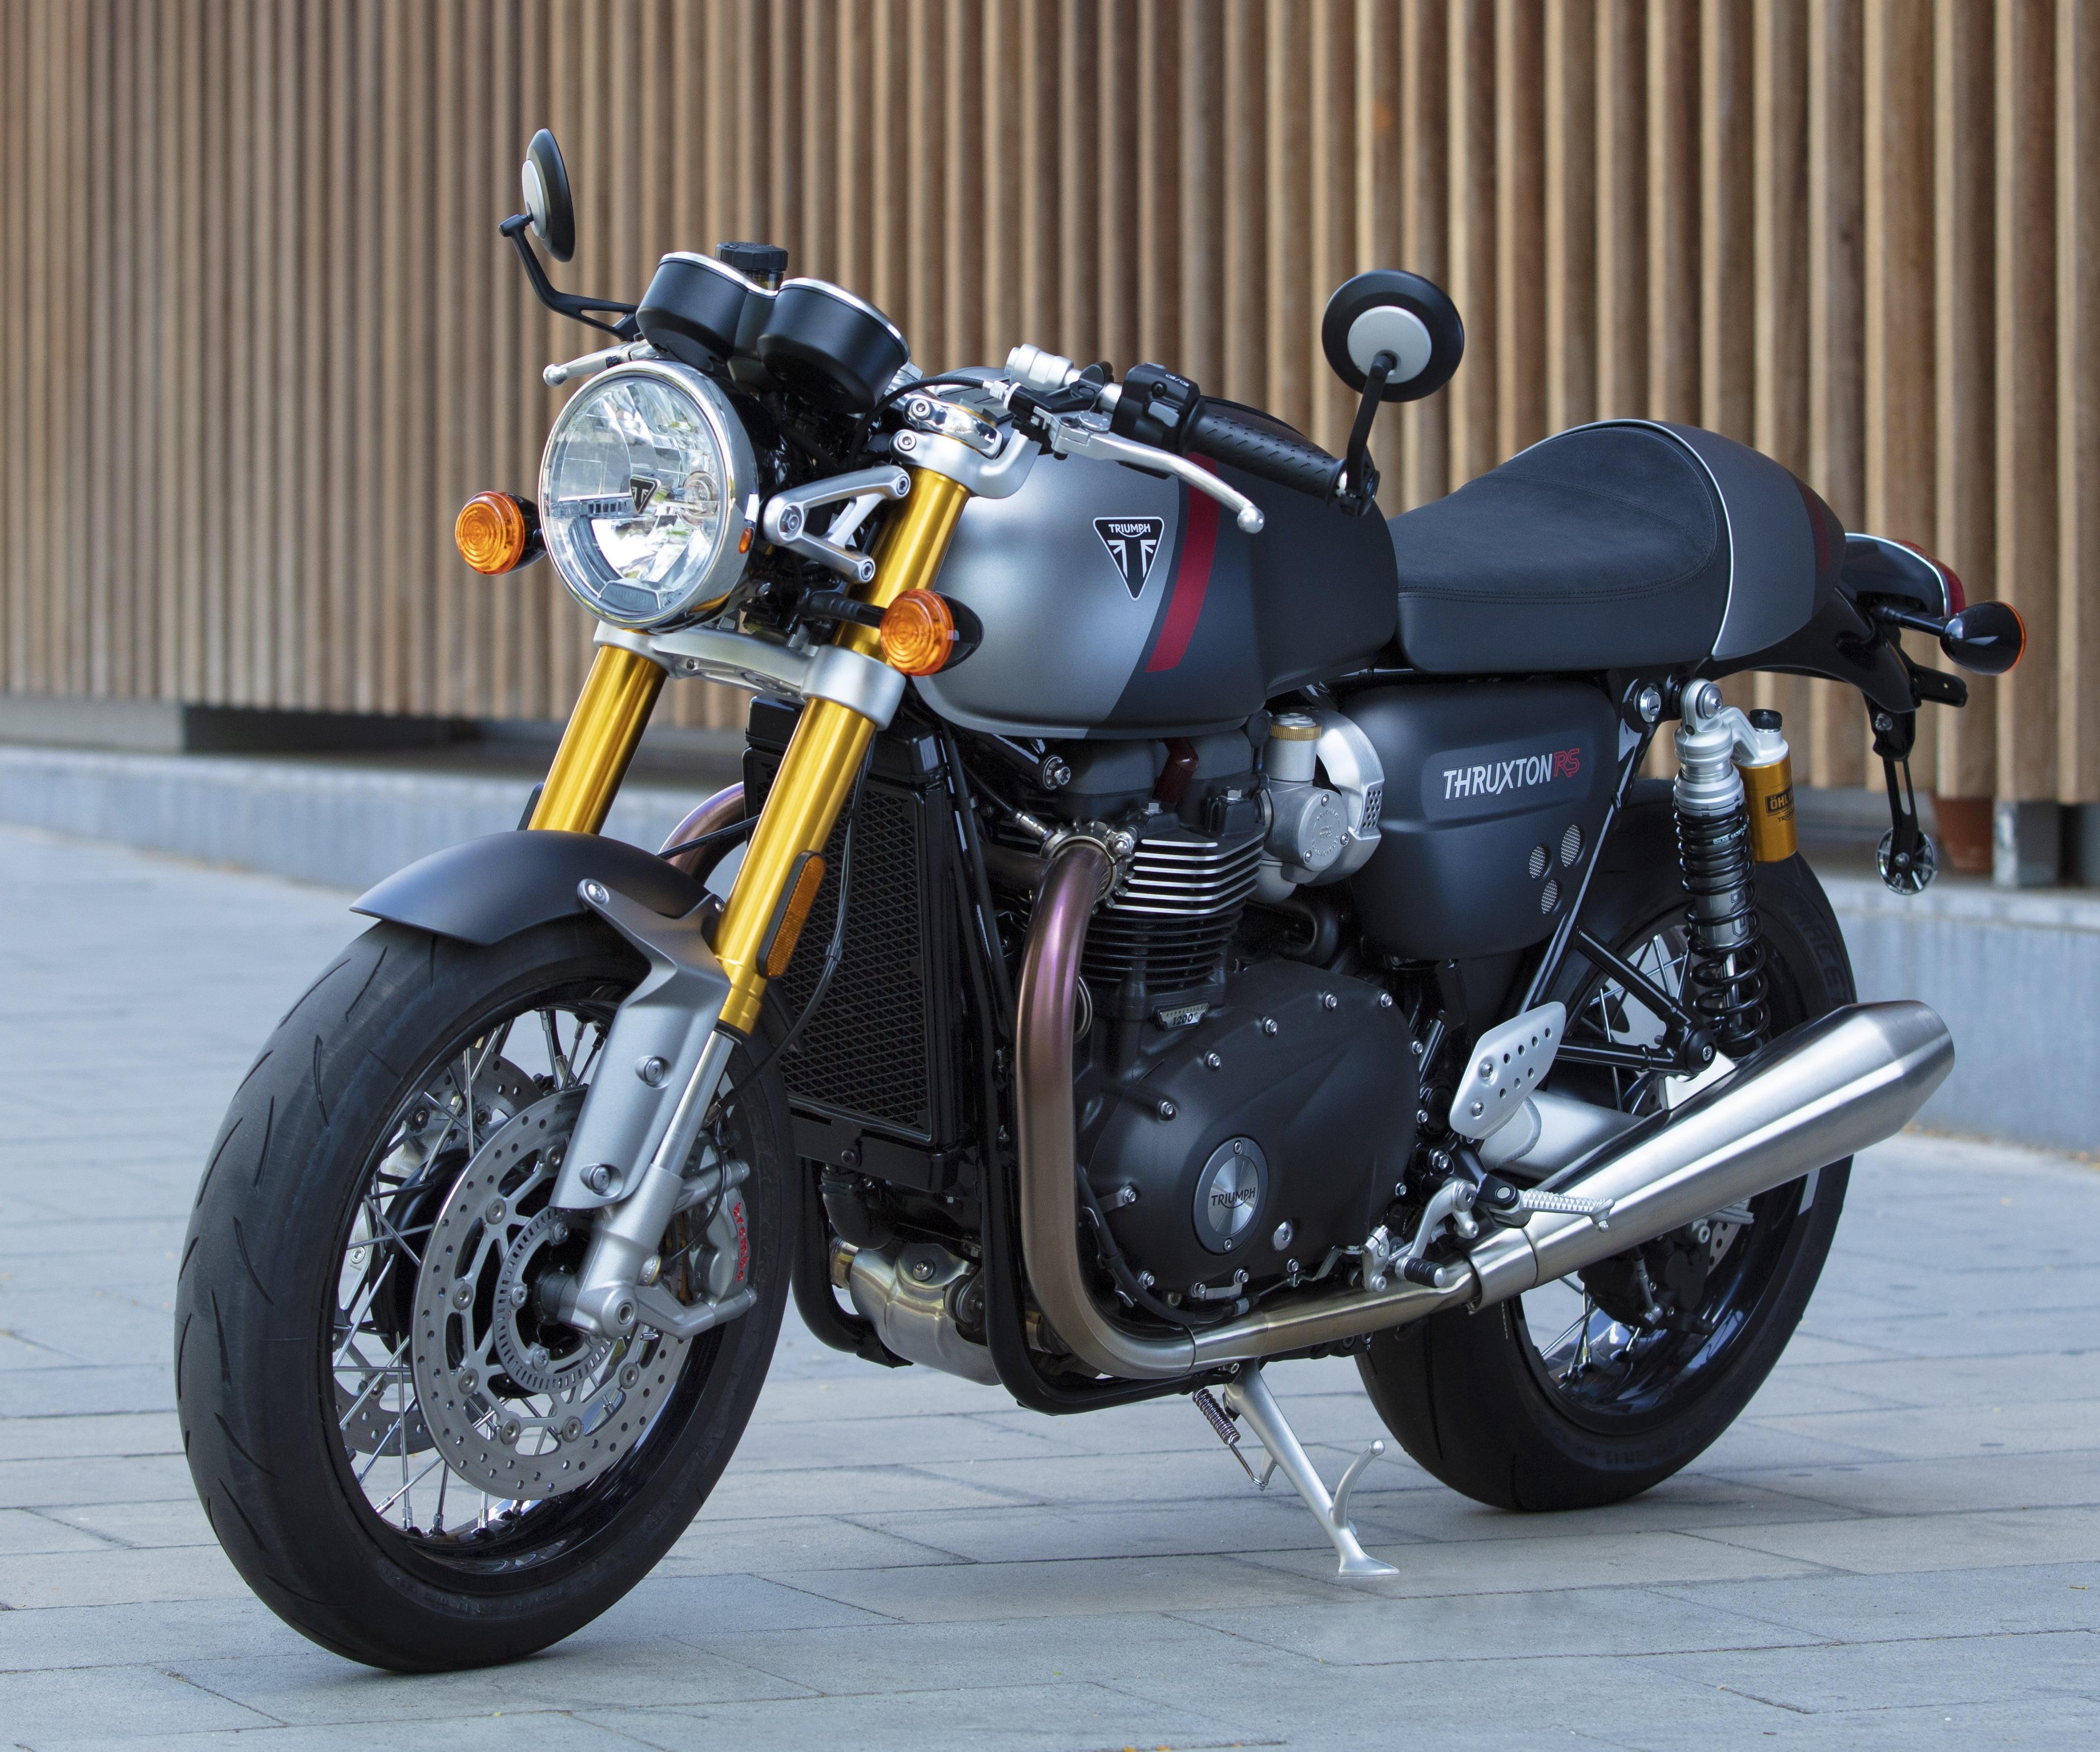 od 13 995,-EUR – Cena po zľave vrátane doplnkovpri financovaní cez ČSOB leasing  17 254,-EUR Cenníková cena motocykla vrátane doplnkov    Doplnky Triumph zahrnuté v v cene motocykla:   LED smerovky predné  LED smerovký…